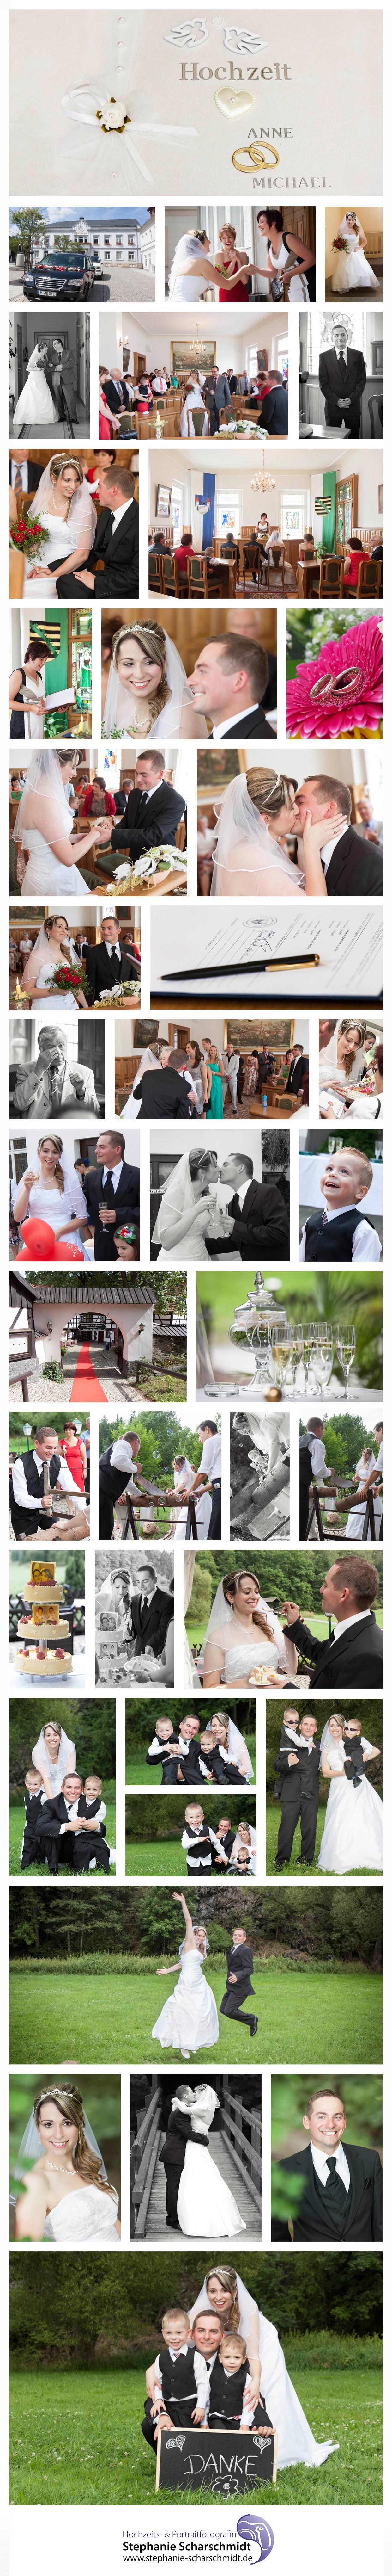 Hochzeit beim Lochbauer Plauen – Hochzeitsfotos im Standesamt Elsterberg und im Lochbauer in Plauen im Vogtland